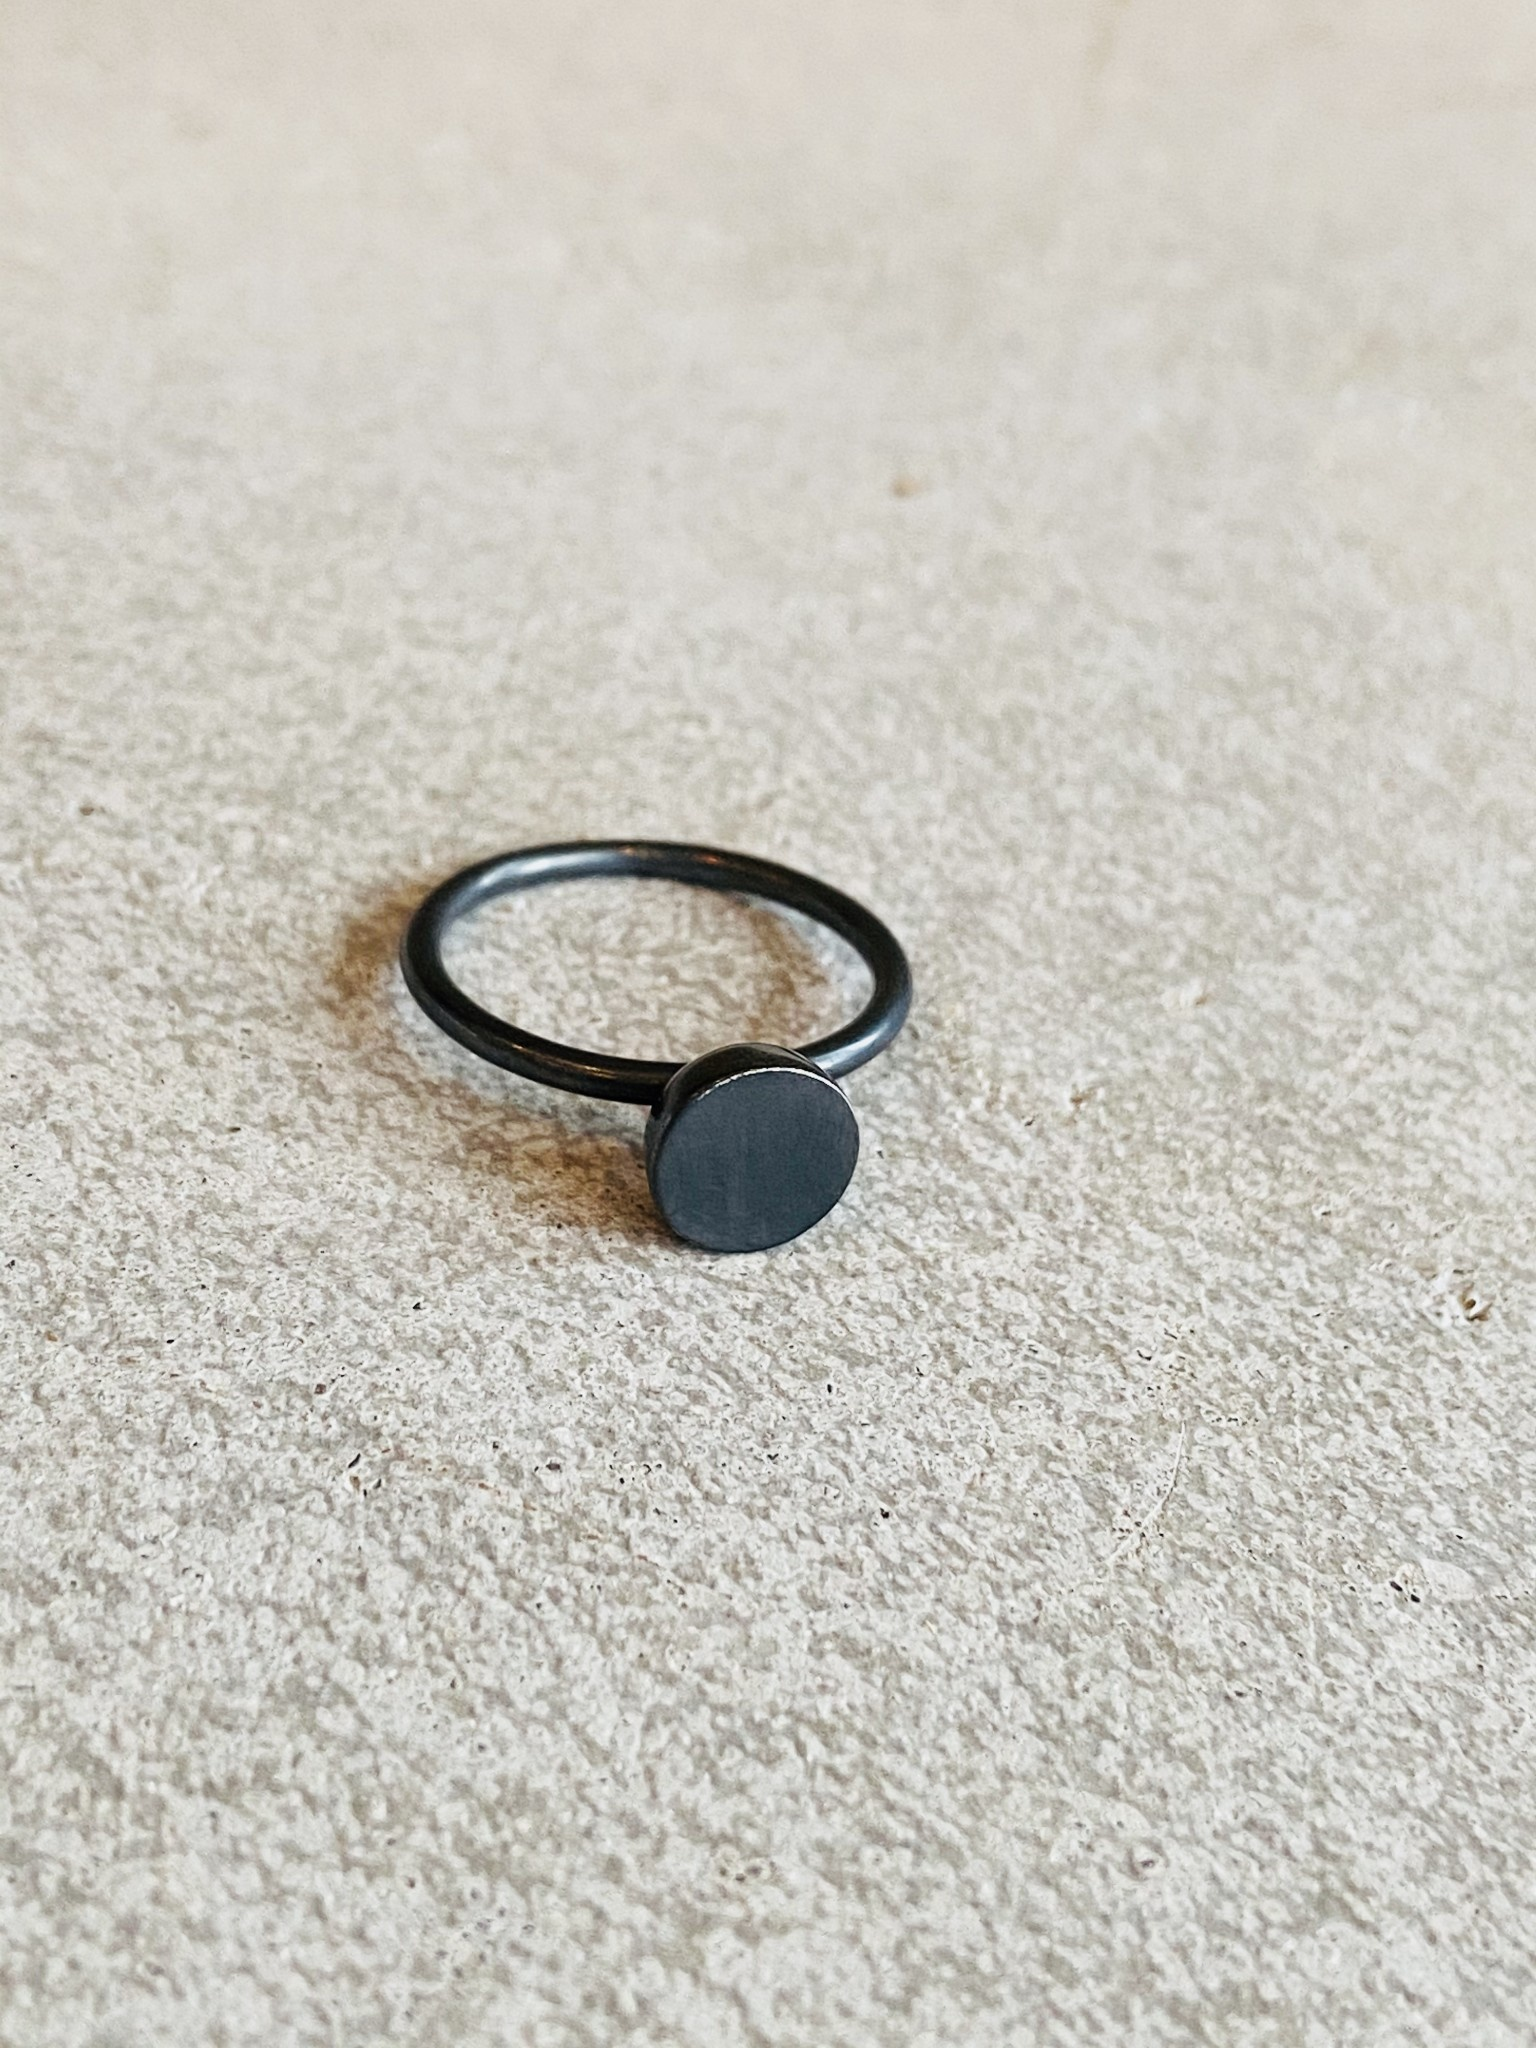 Black Rhodium Circle Ring - Size 7